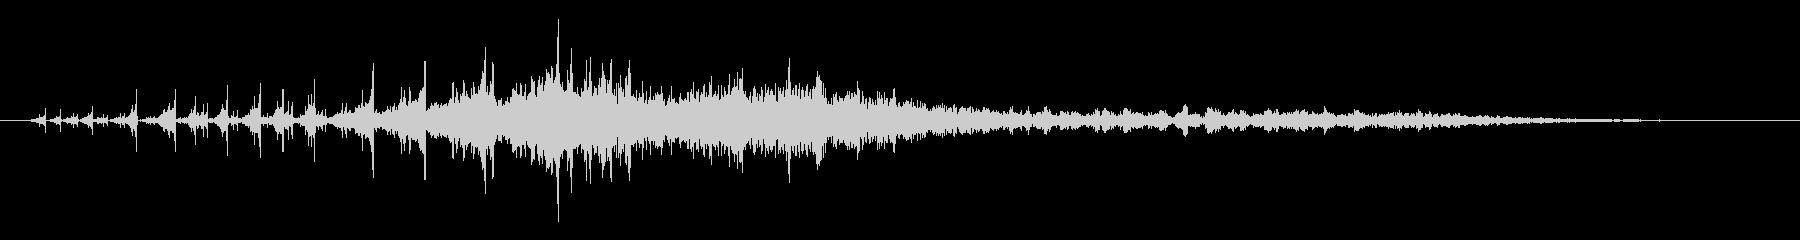 時間の停止や逆行などの抽象的な音#2の未再生の波形